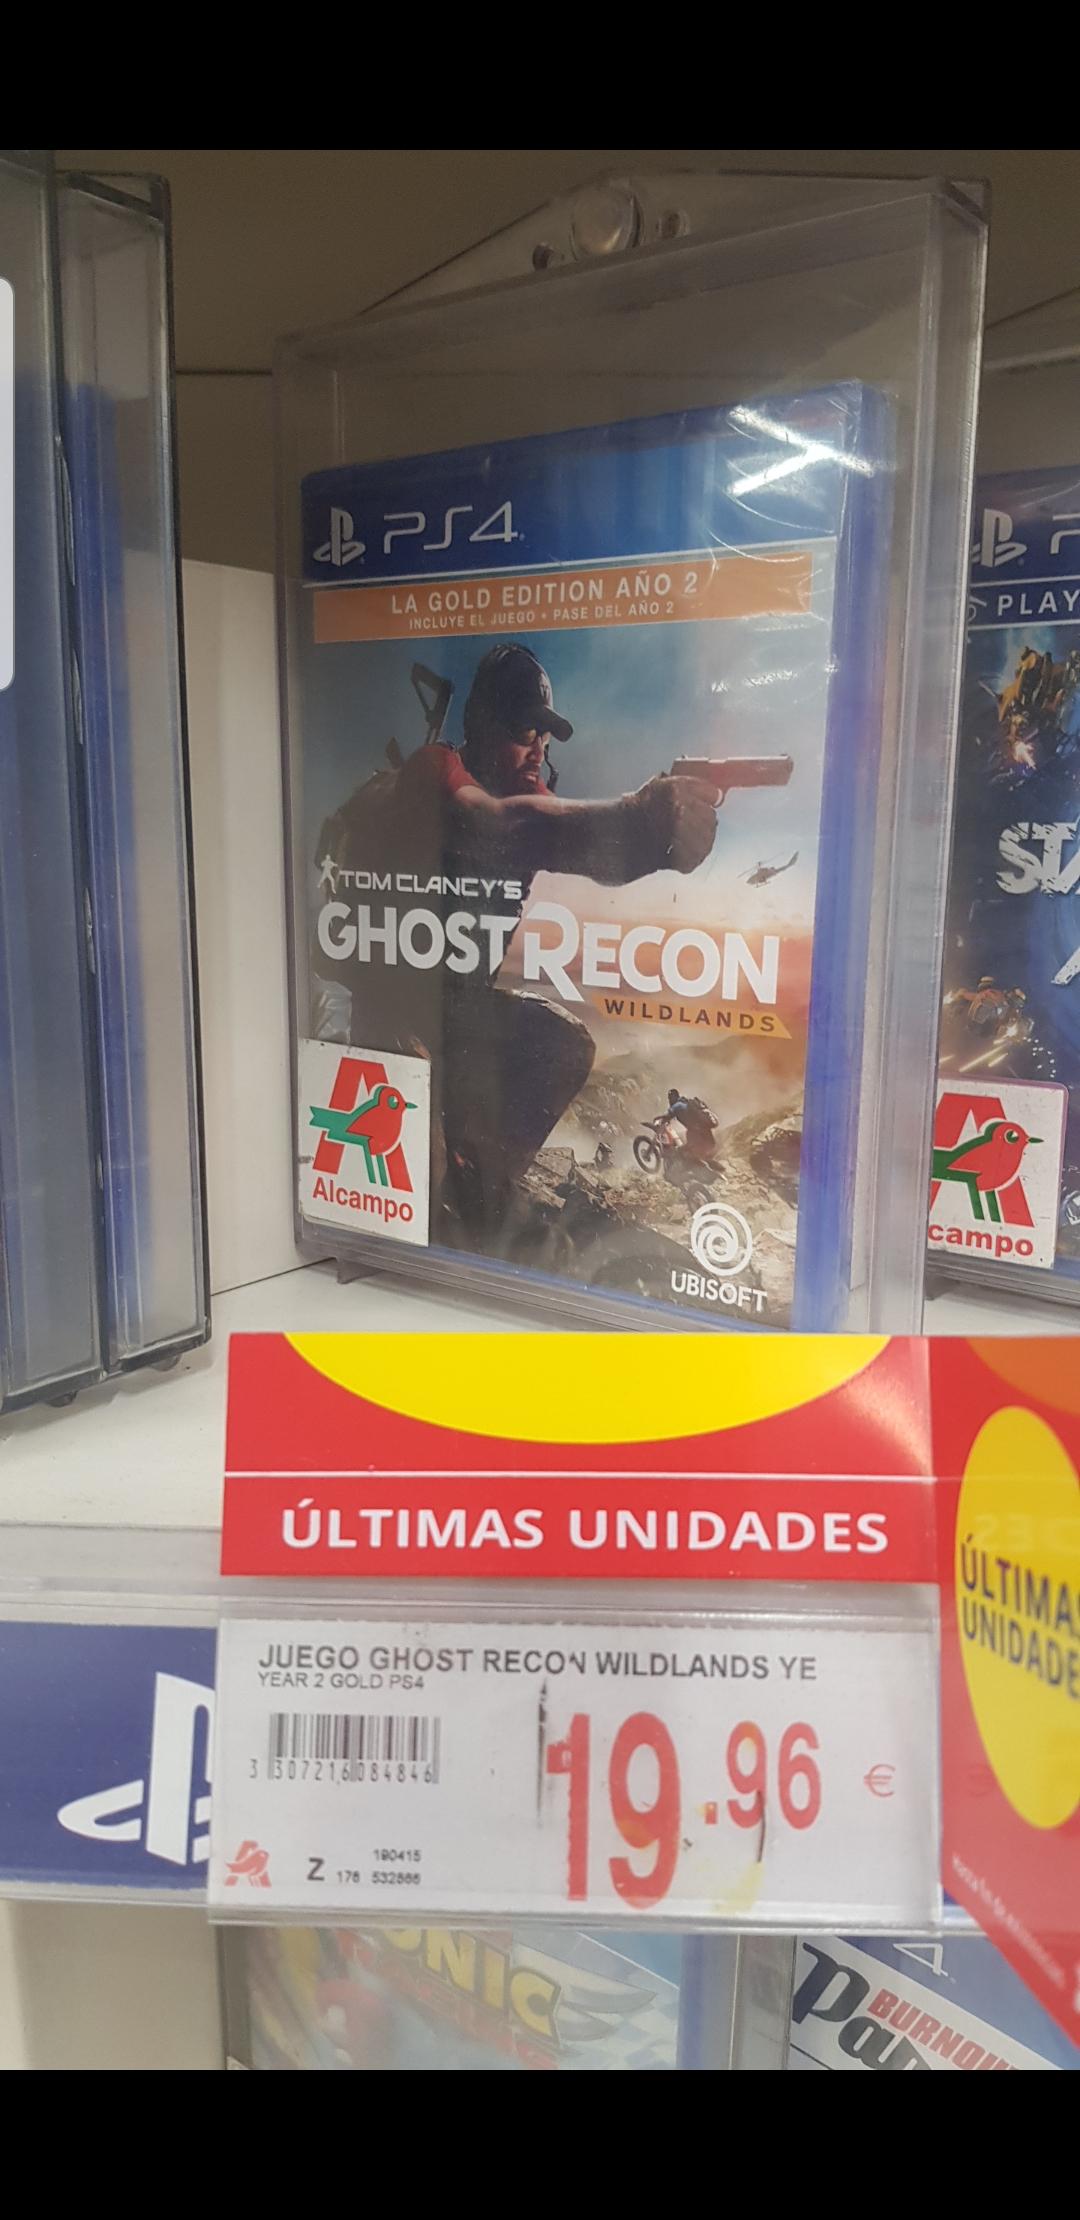 JUEGO PS4 Ghost Recon Wildlands Year 2 - Gold Edition